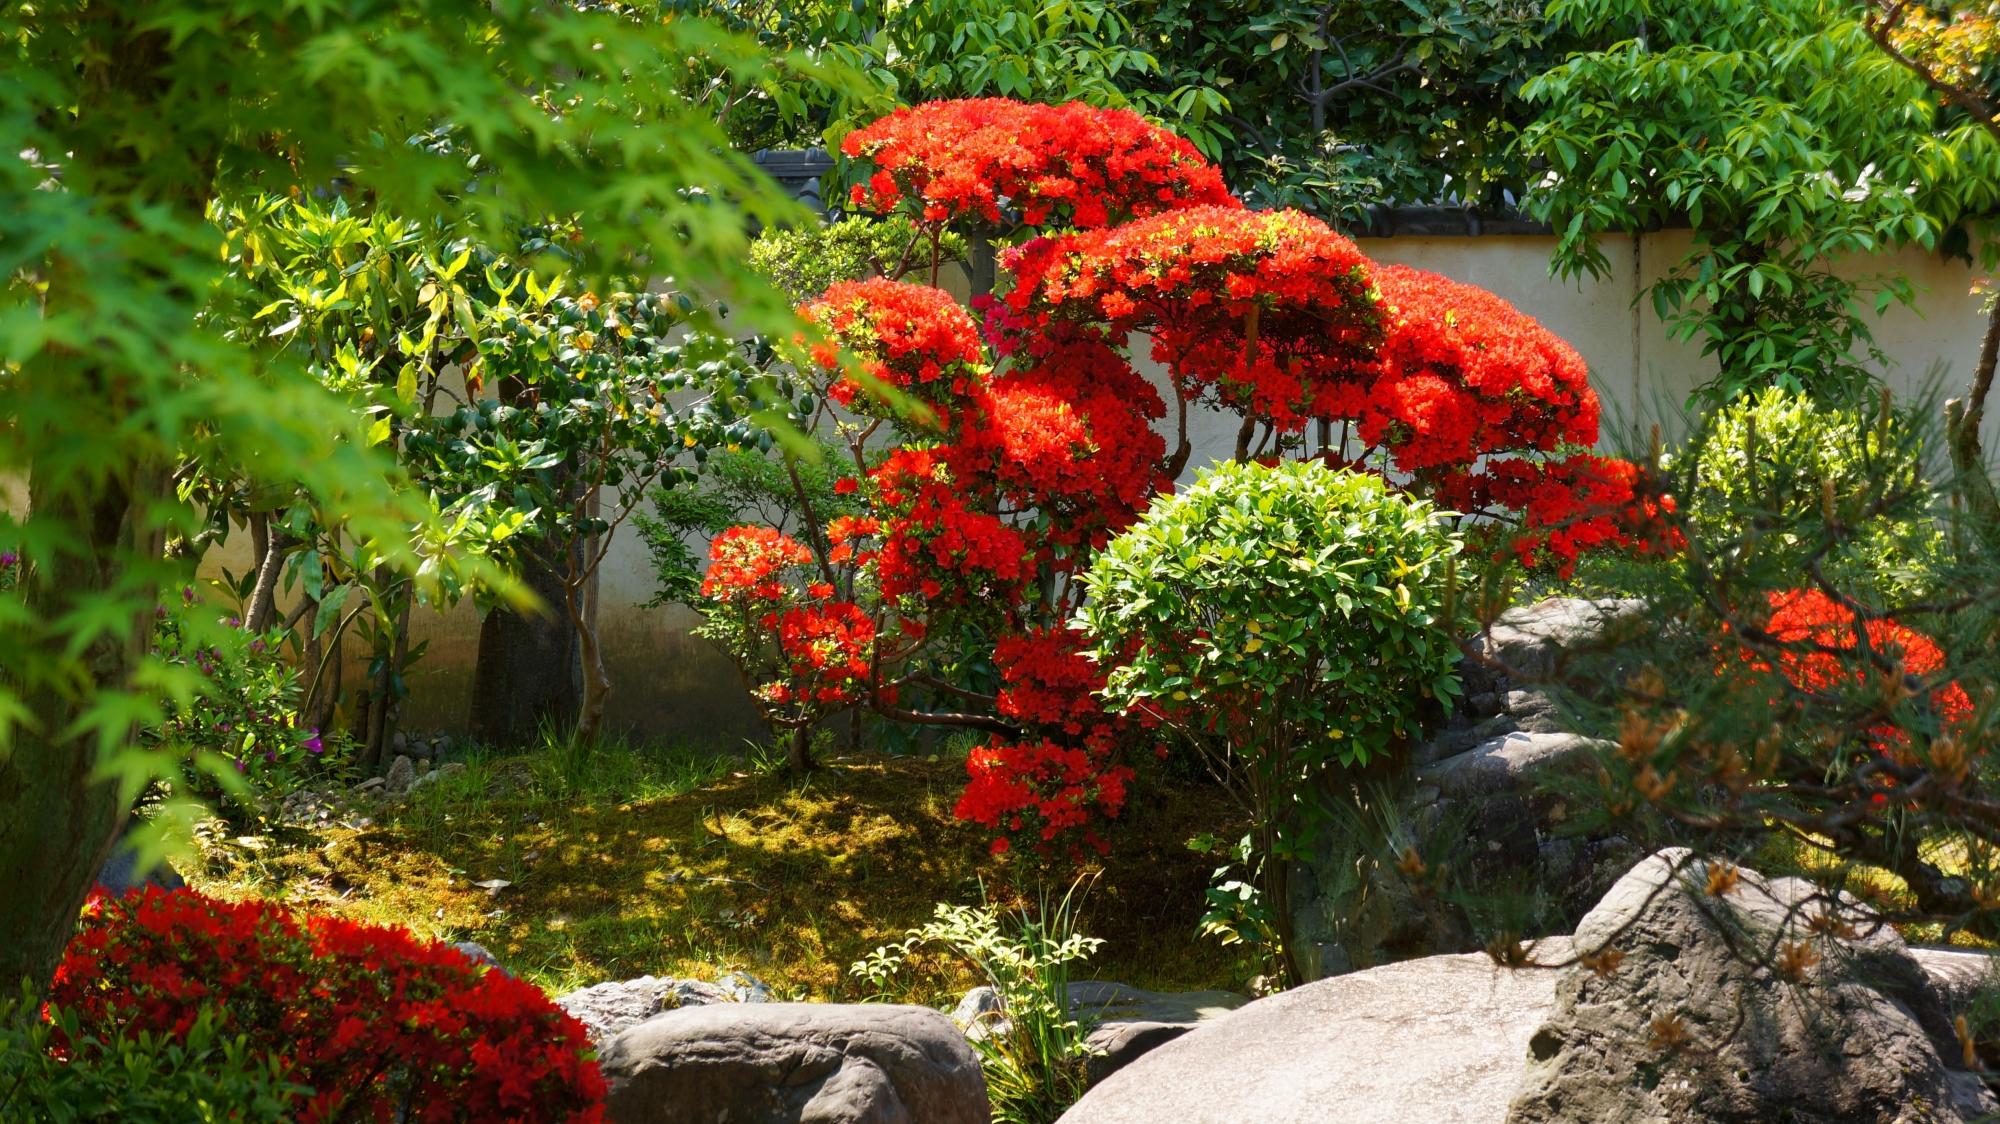 庭園の奥に咲く鮮やかな赤いキリシマツツジ